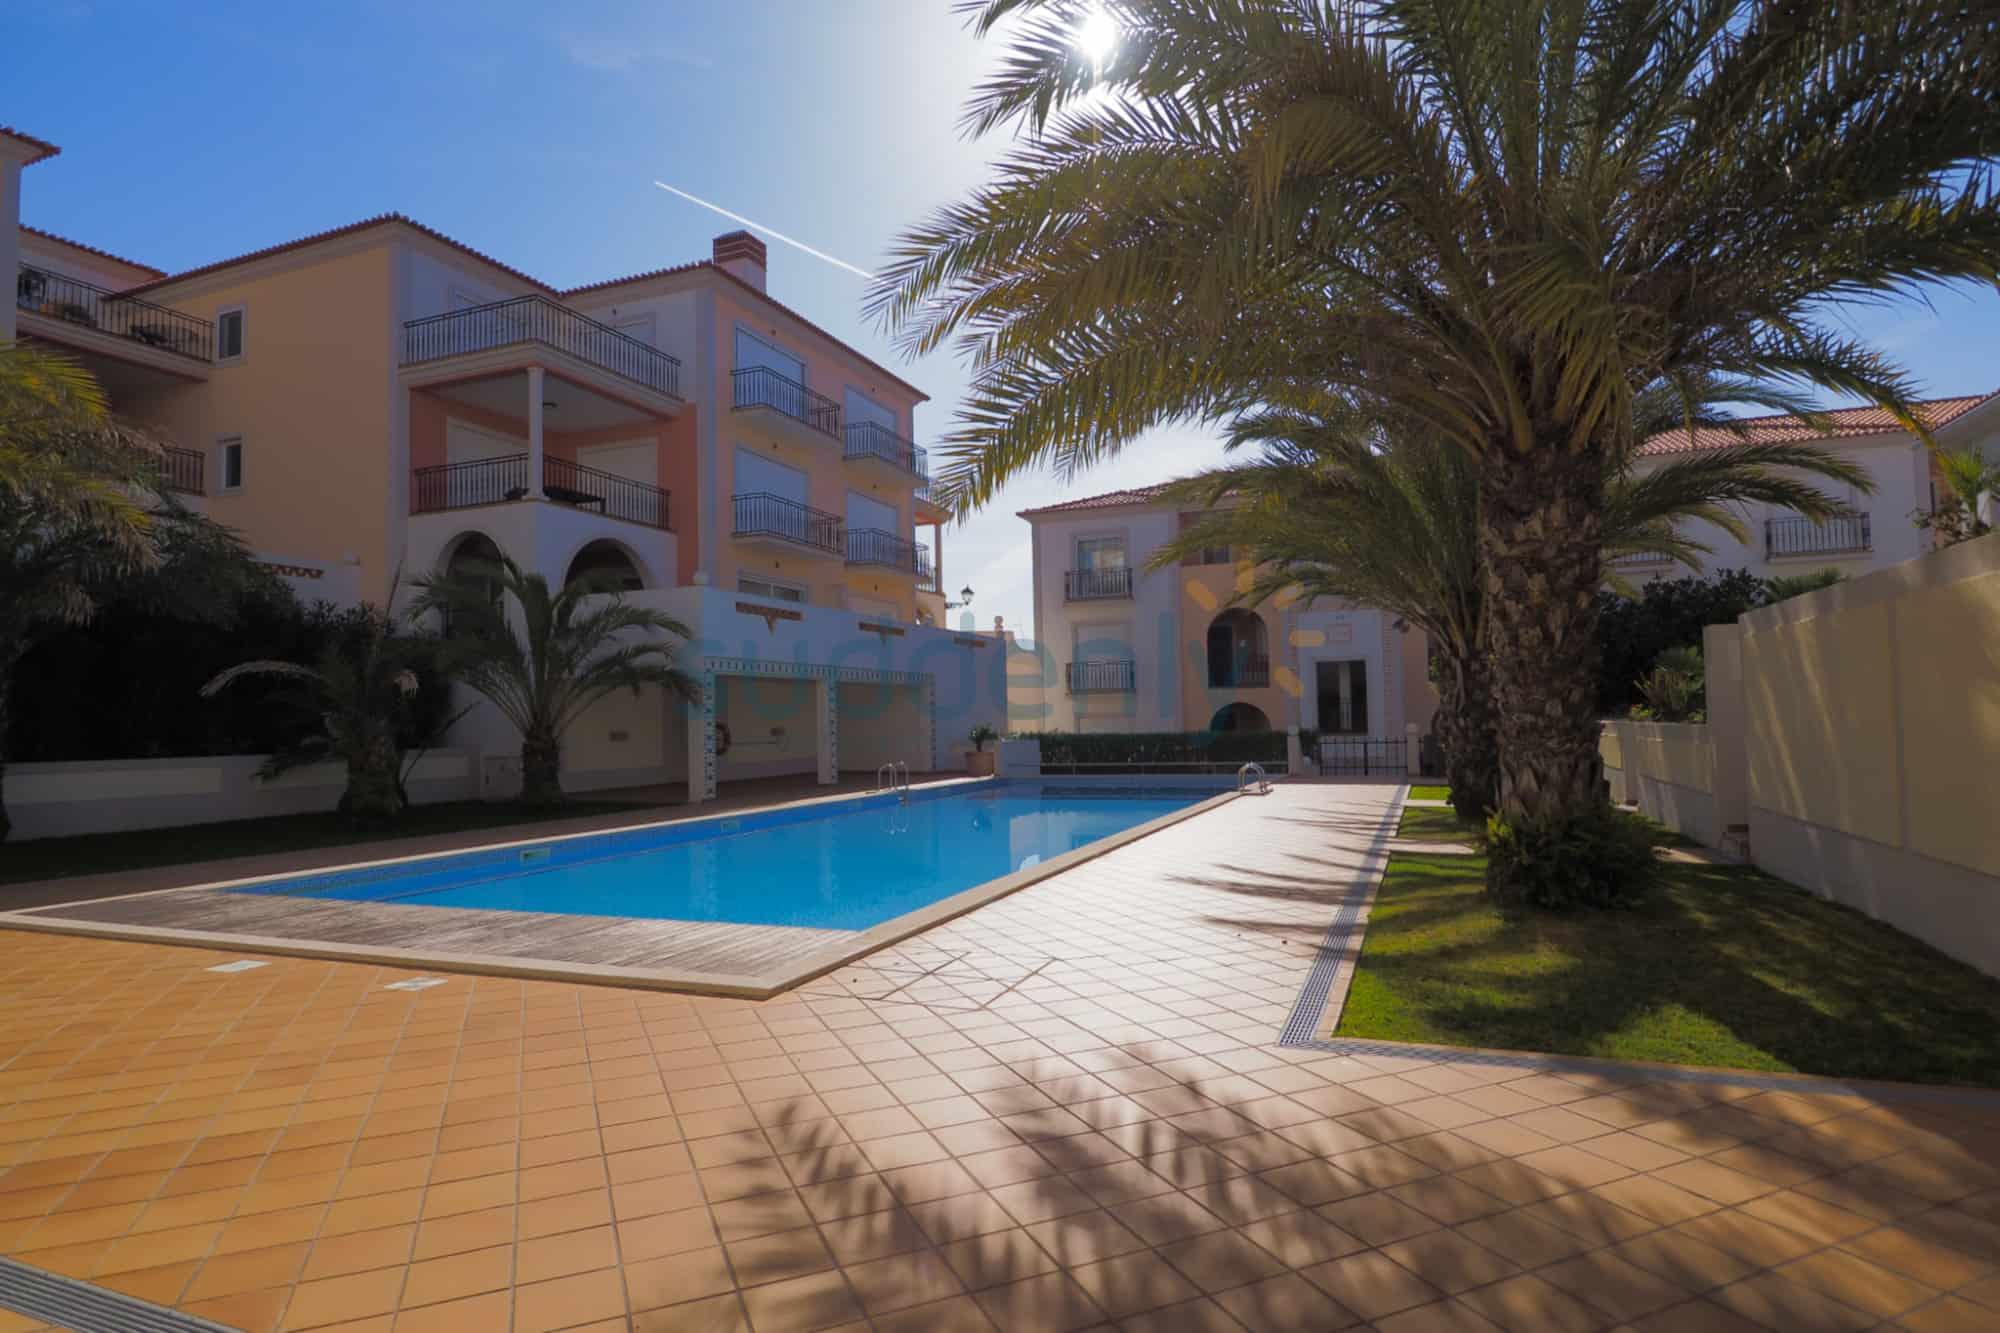 Holiday Rentals in Praia D'El Rey 254